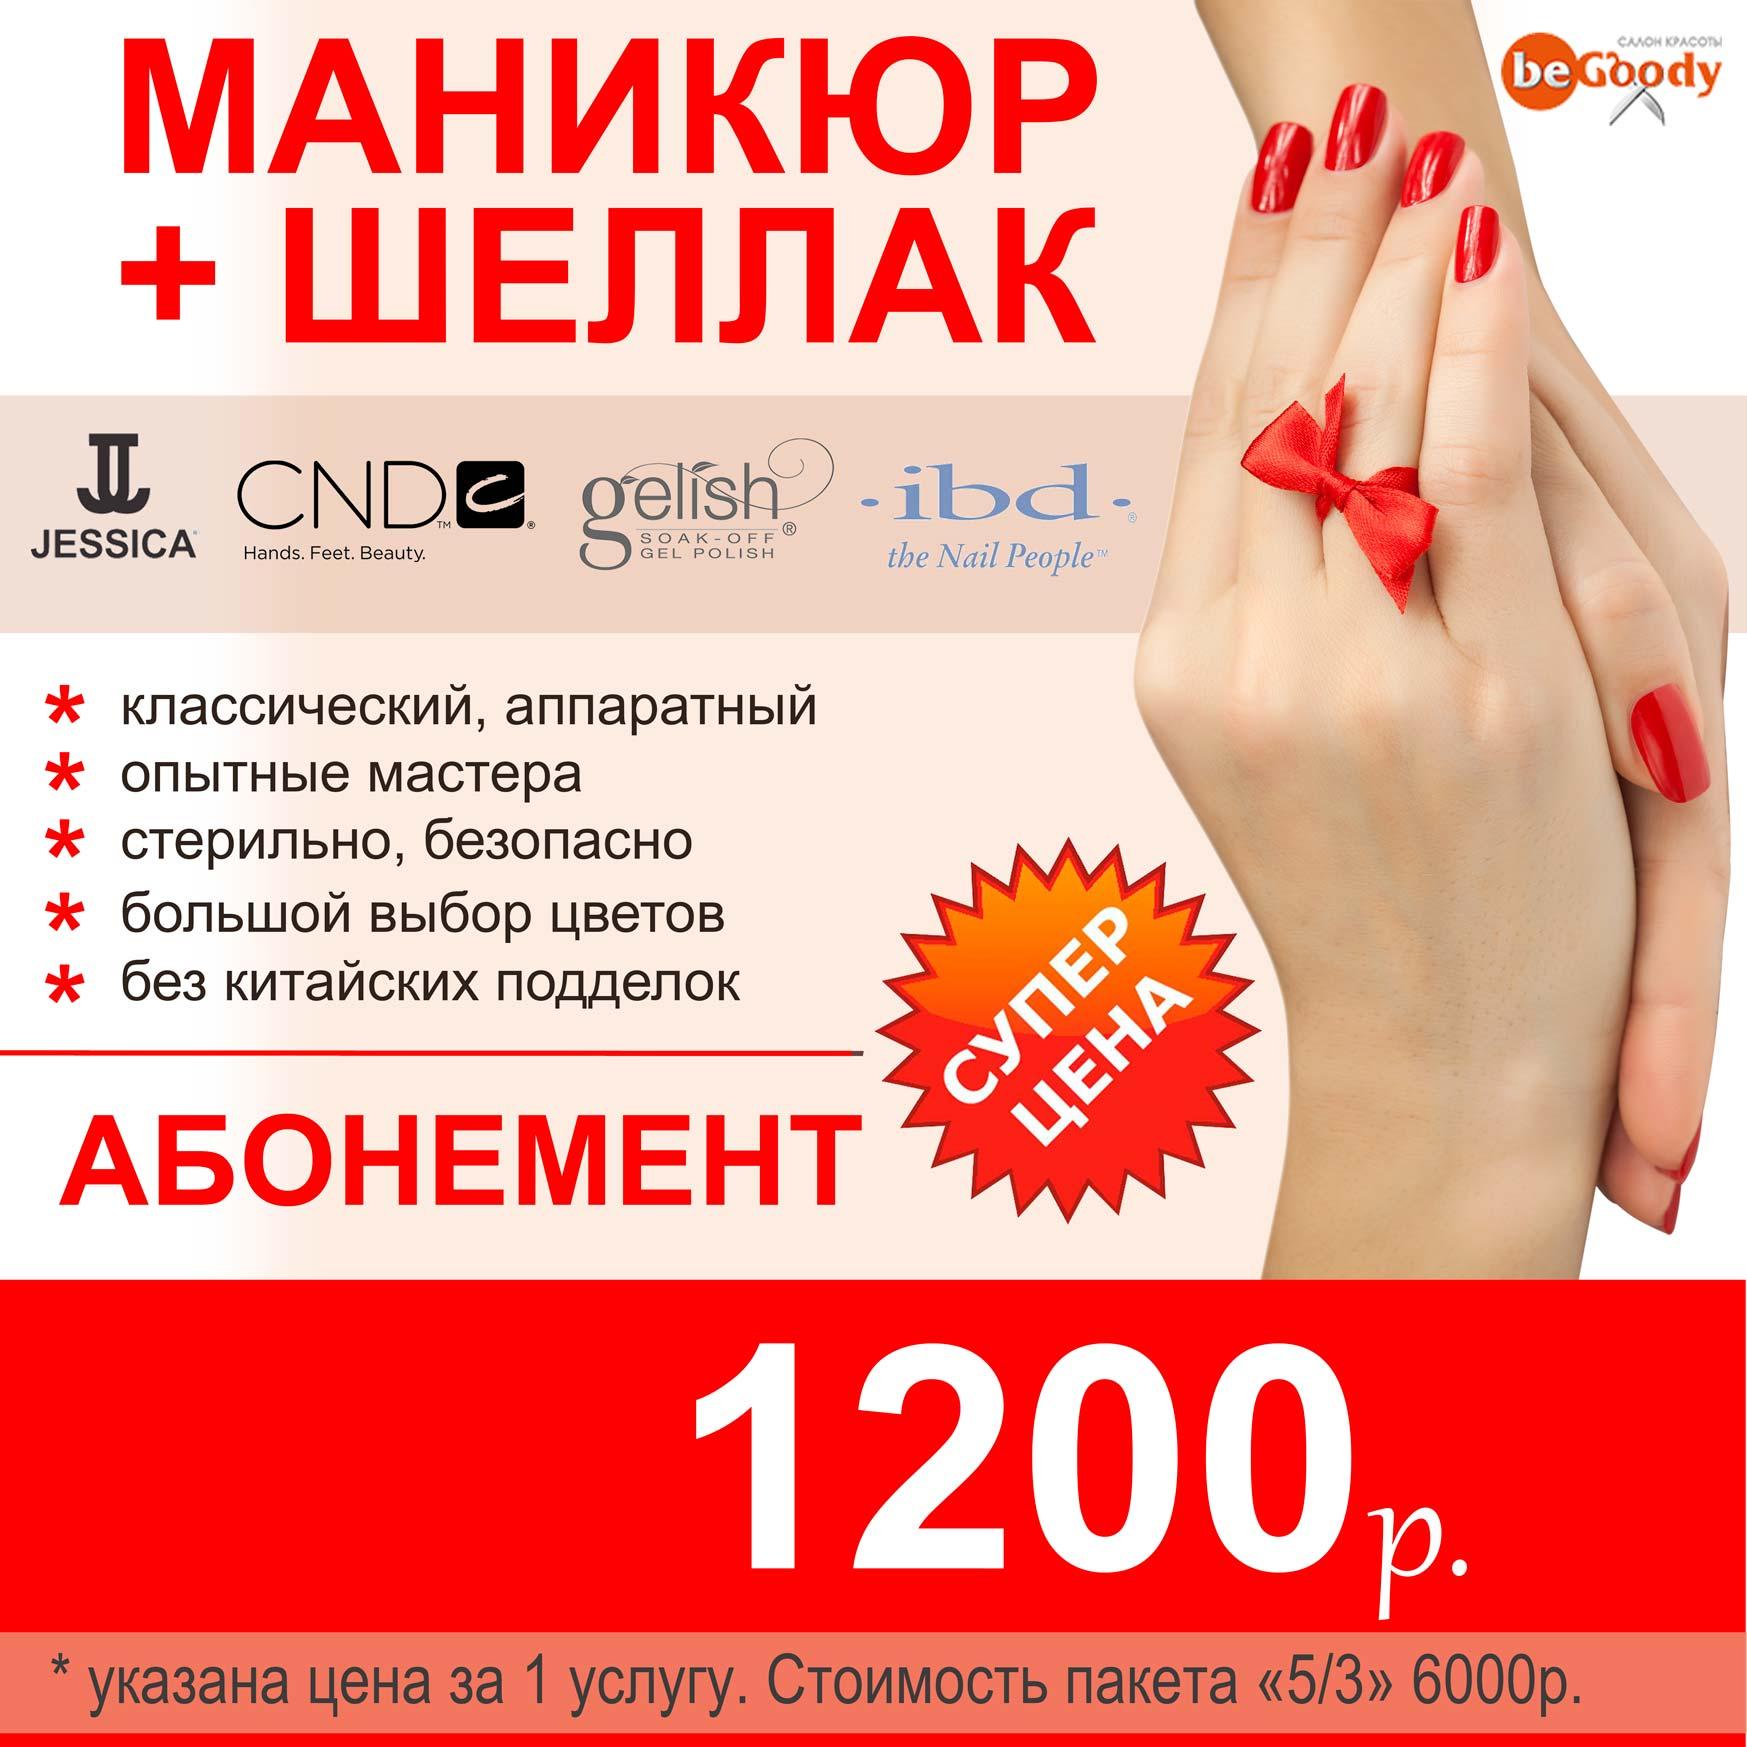 Ман+шелл=1200